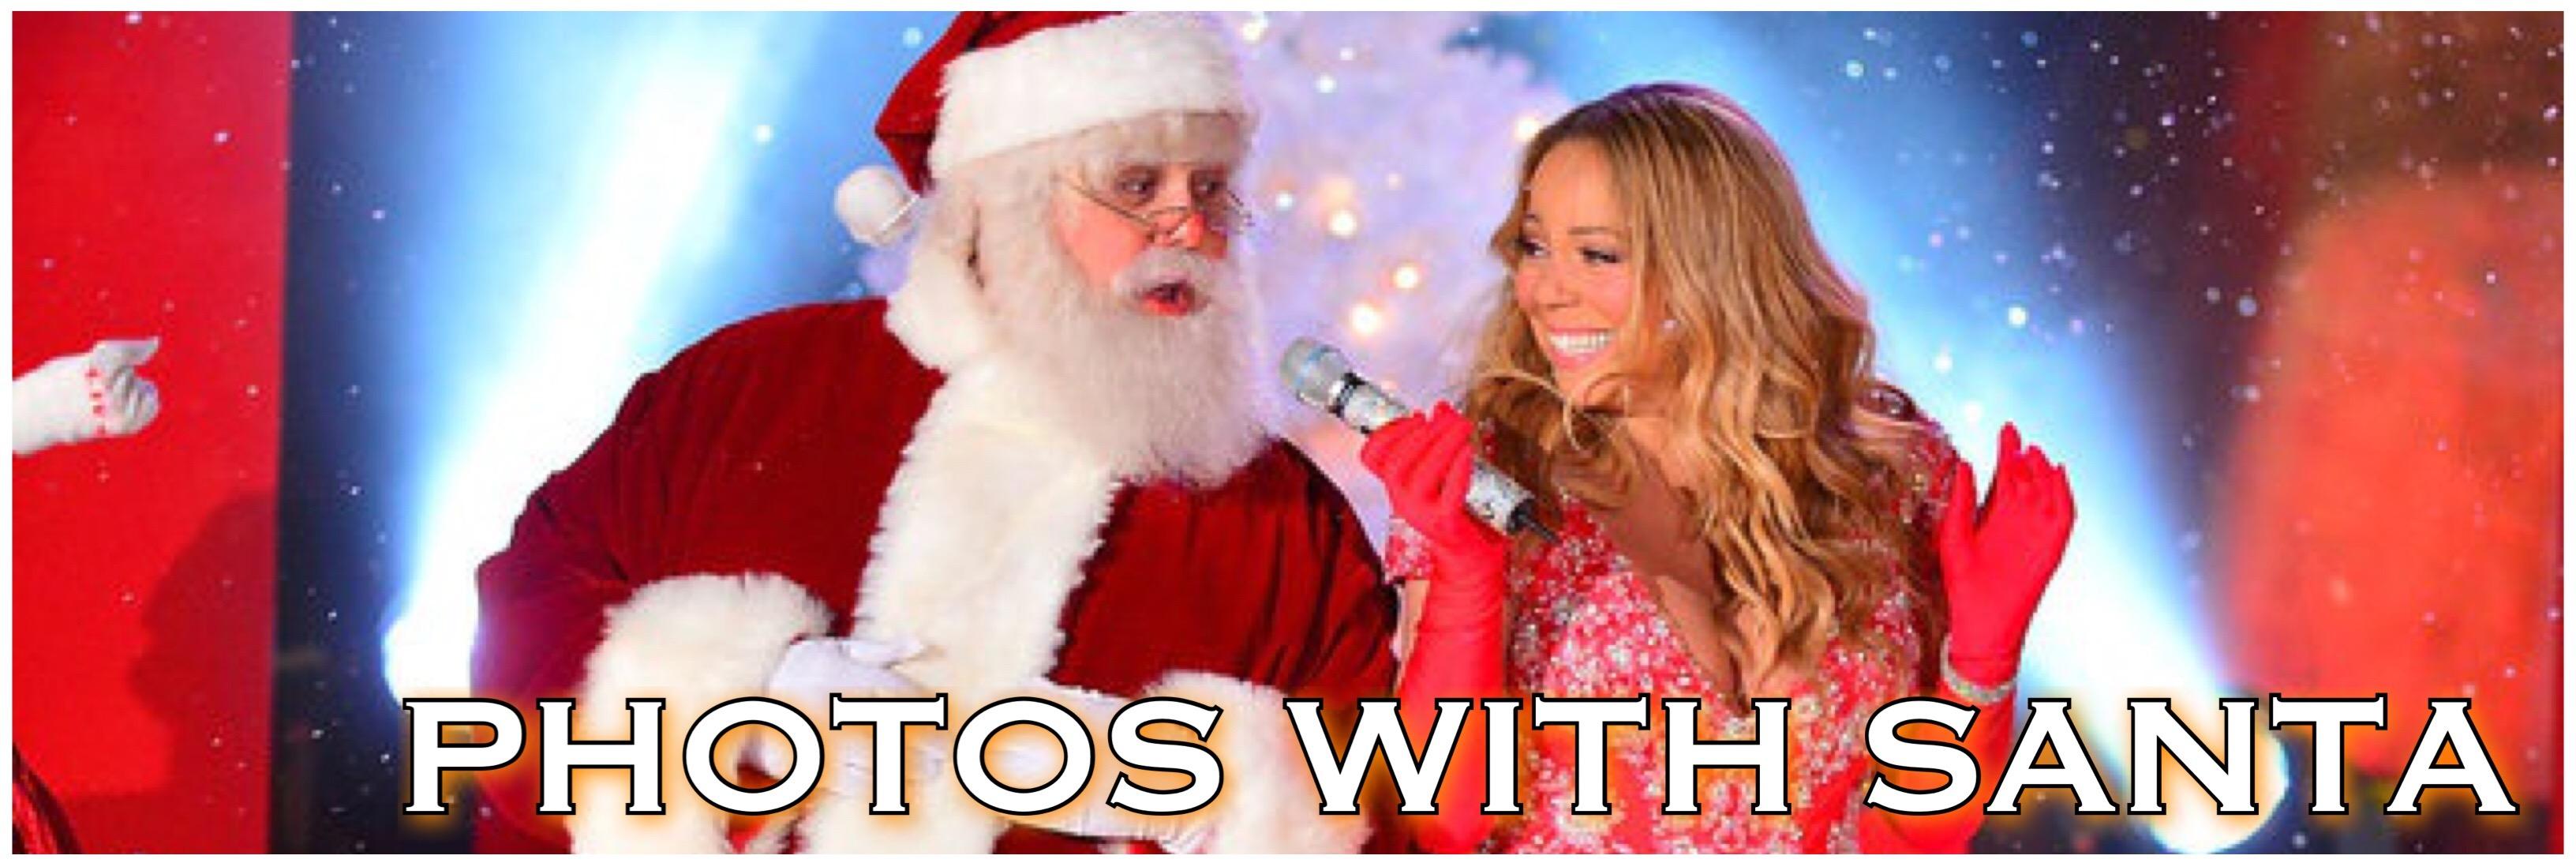 Mariah and Santa banner